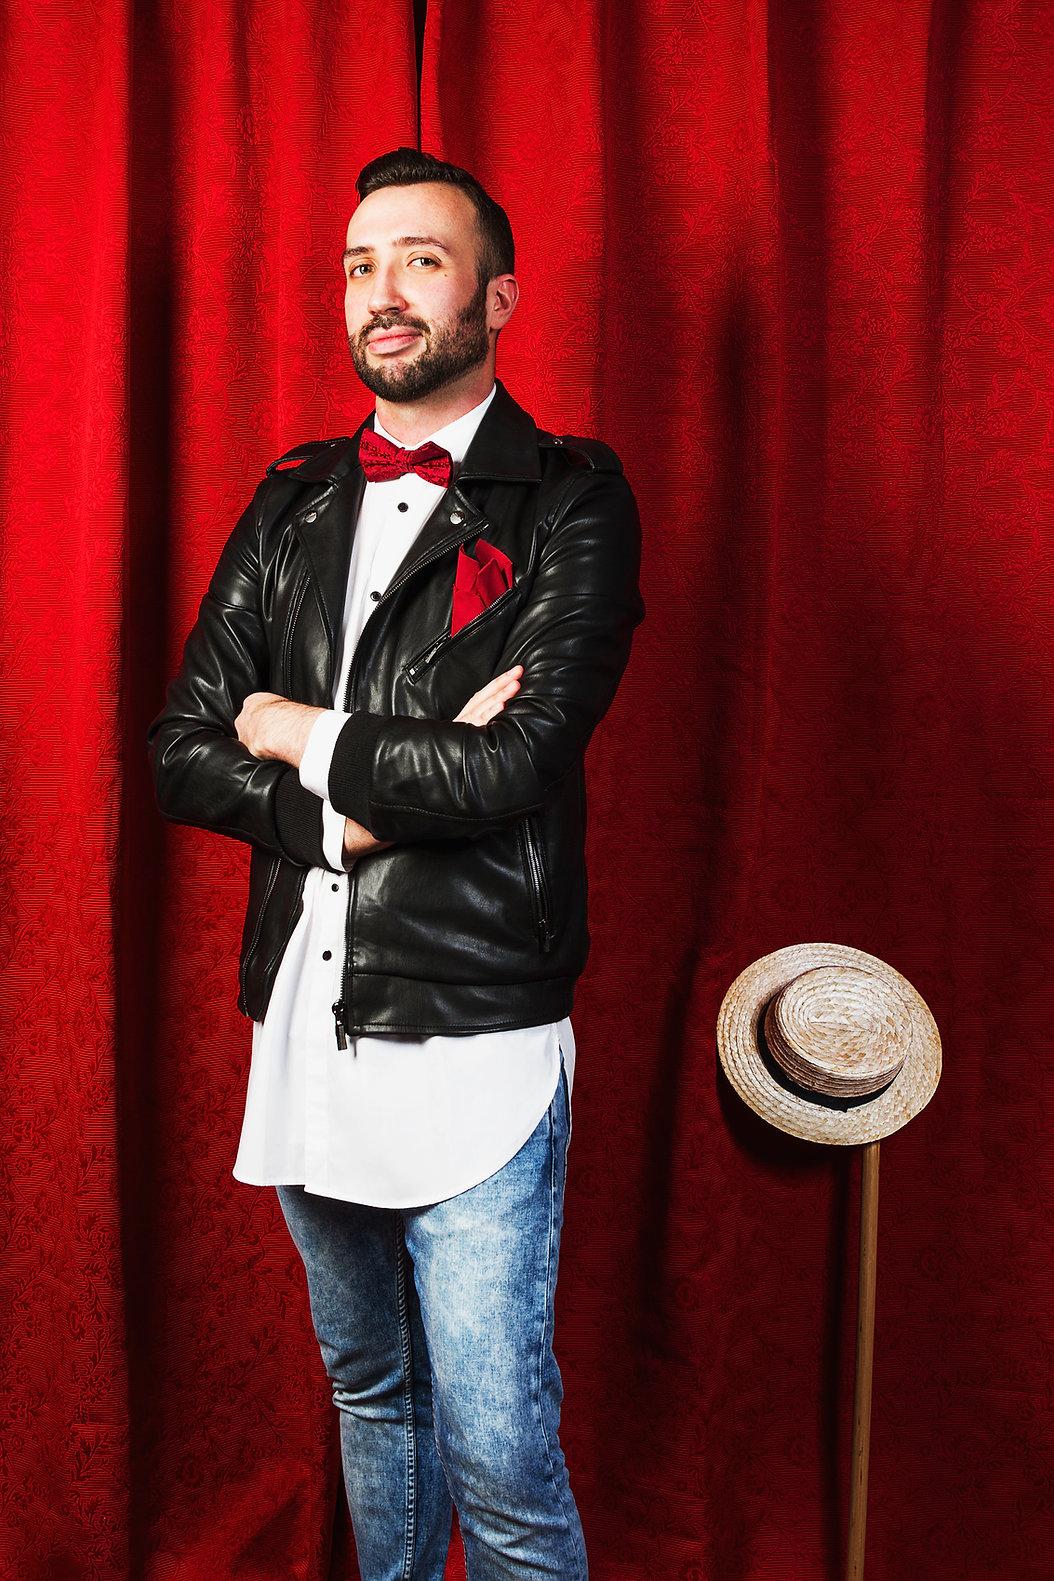 Javi Bouzas - Liebling! MC - Maestros de ceremonias, anfitriones para eventos, Asturias